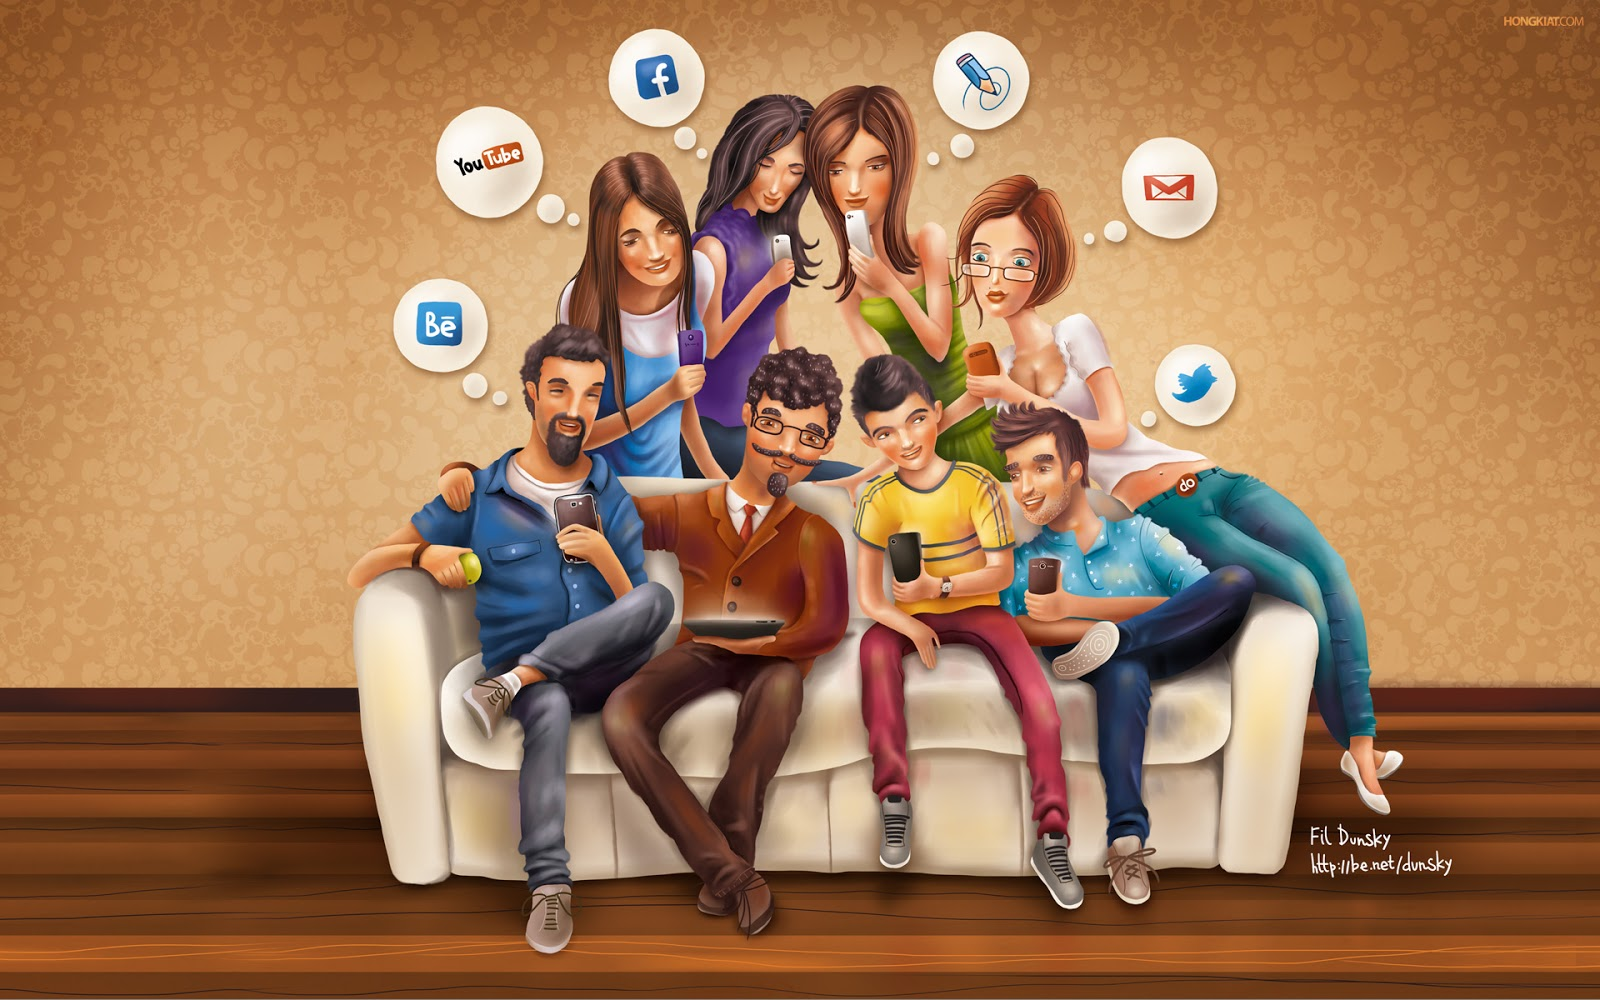 El 89,6% de los encuestados piensa que debería usar menos las redes sociales.